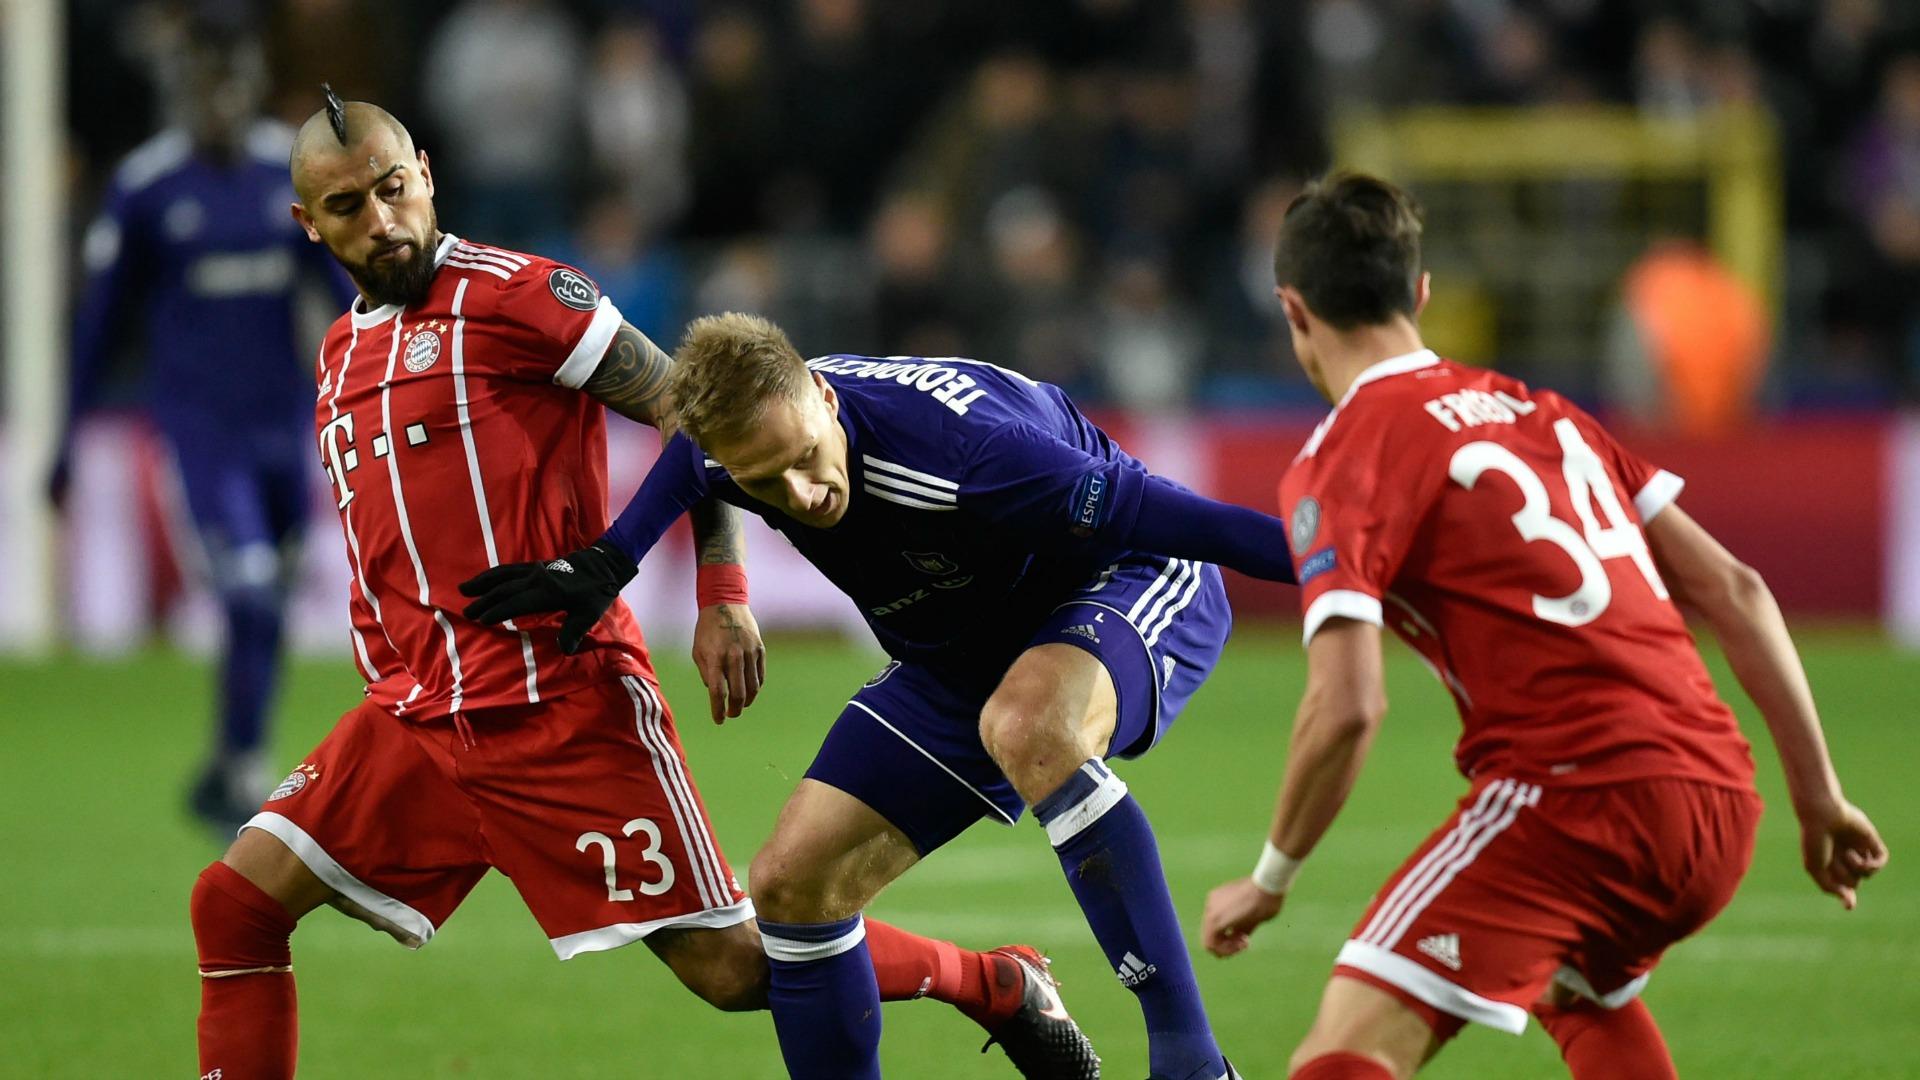 Con Vidal en cancha, el Bayern derrotó al Anderlecht por 2-1